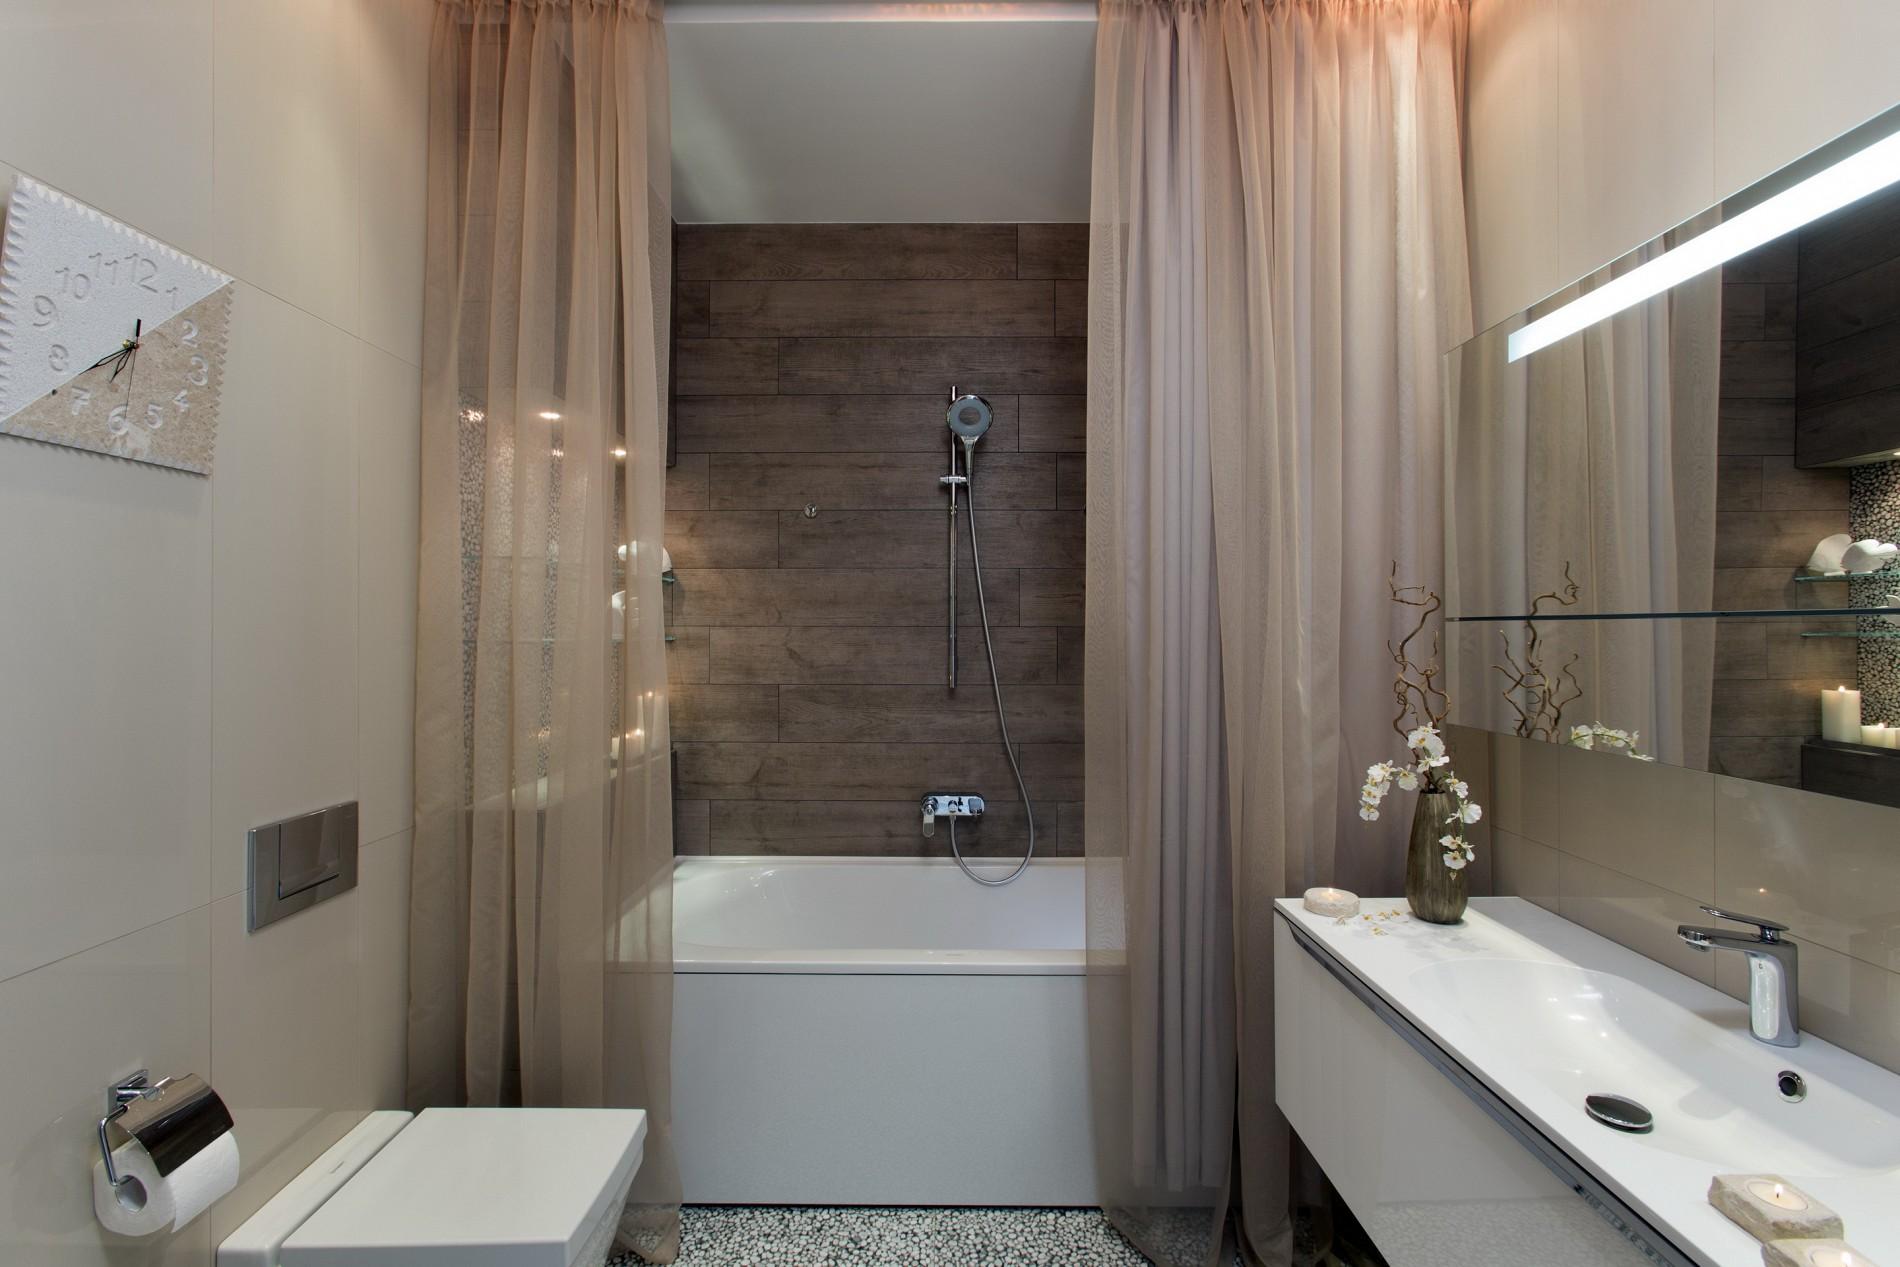 Реальный дизайн ванной в стиле фьюжн